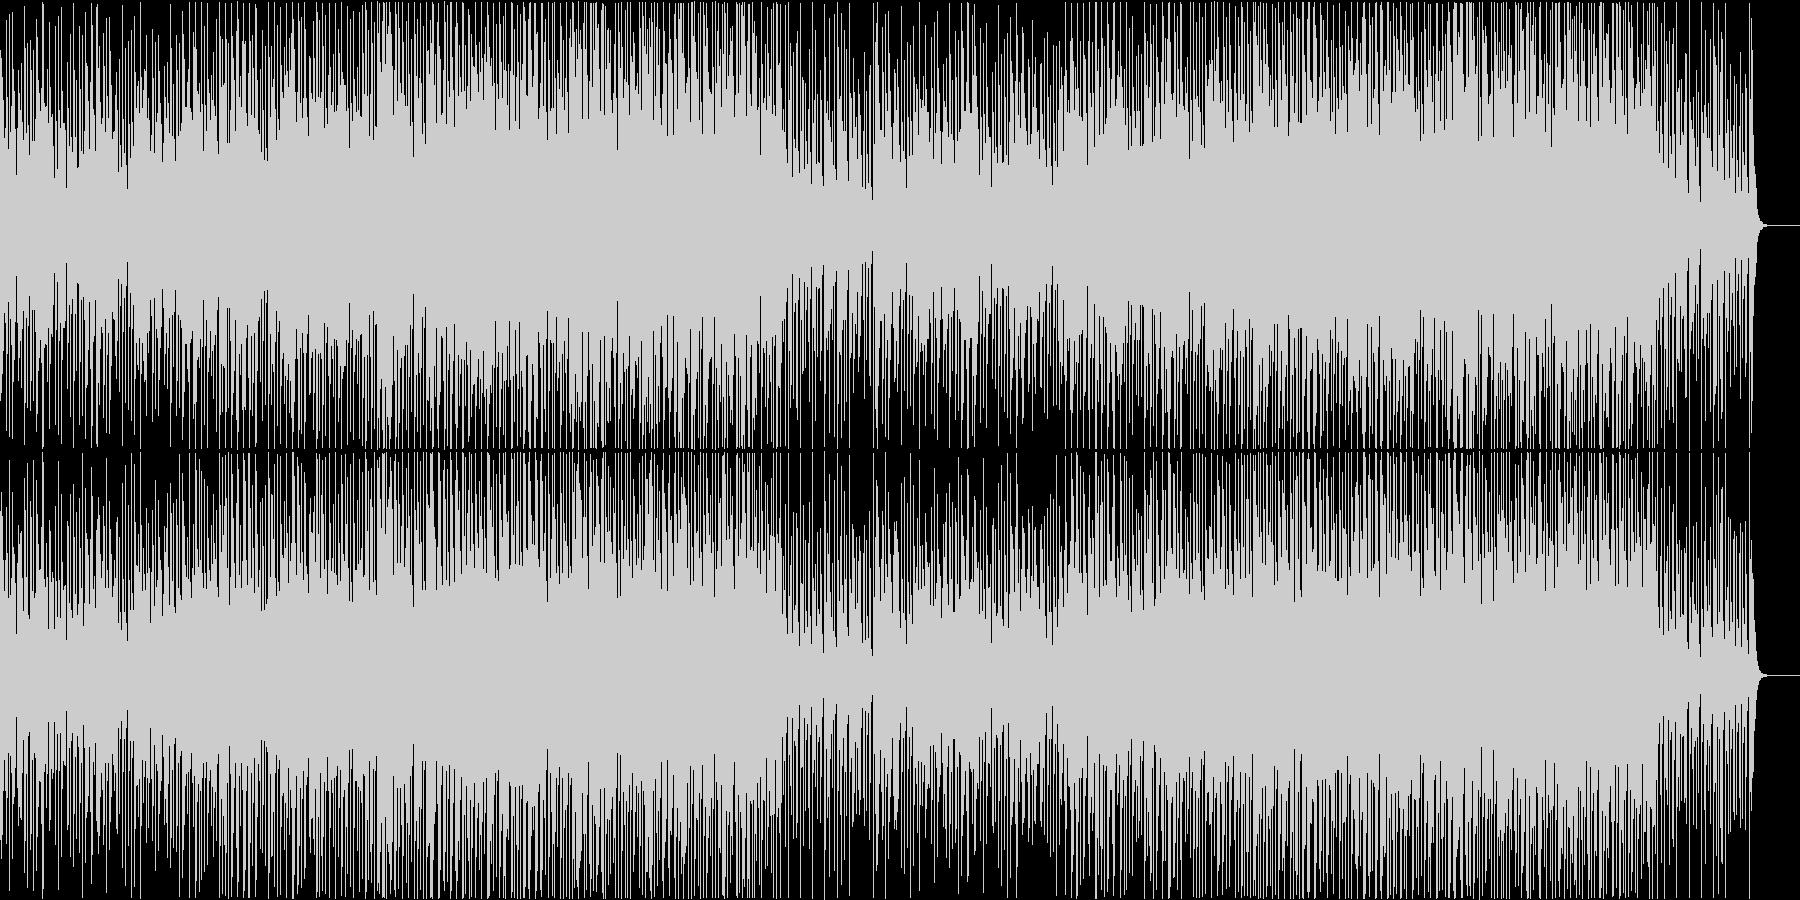 にこにこ ほのぼの かわいいポップの未再生の波形